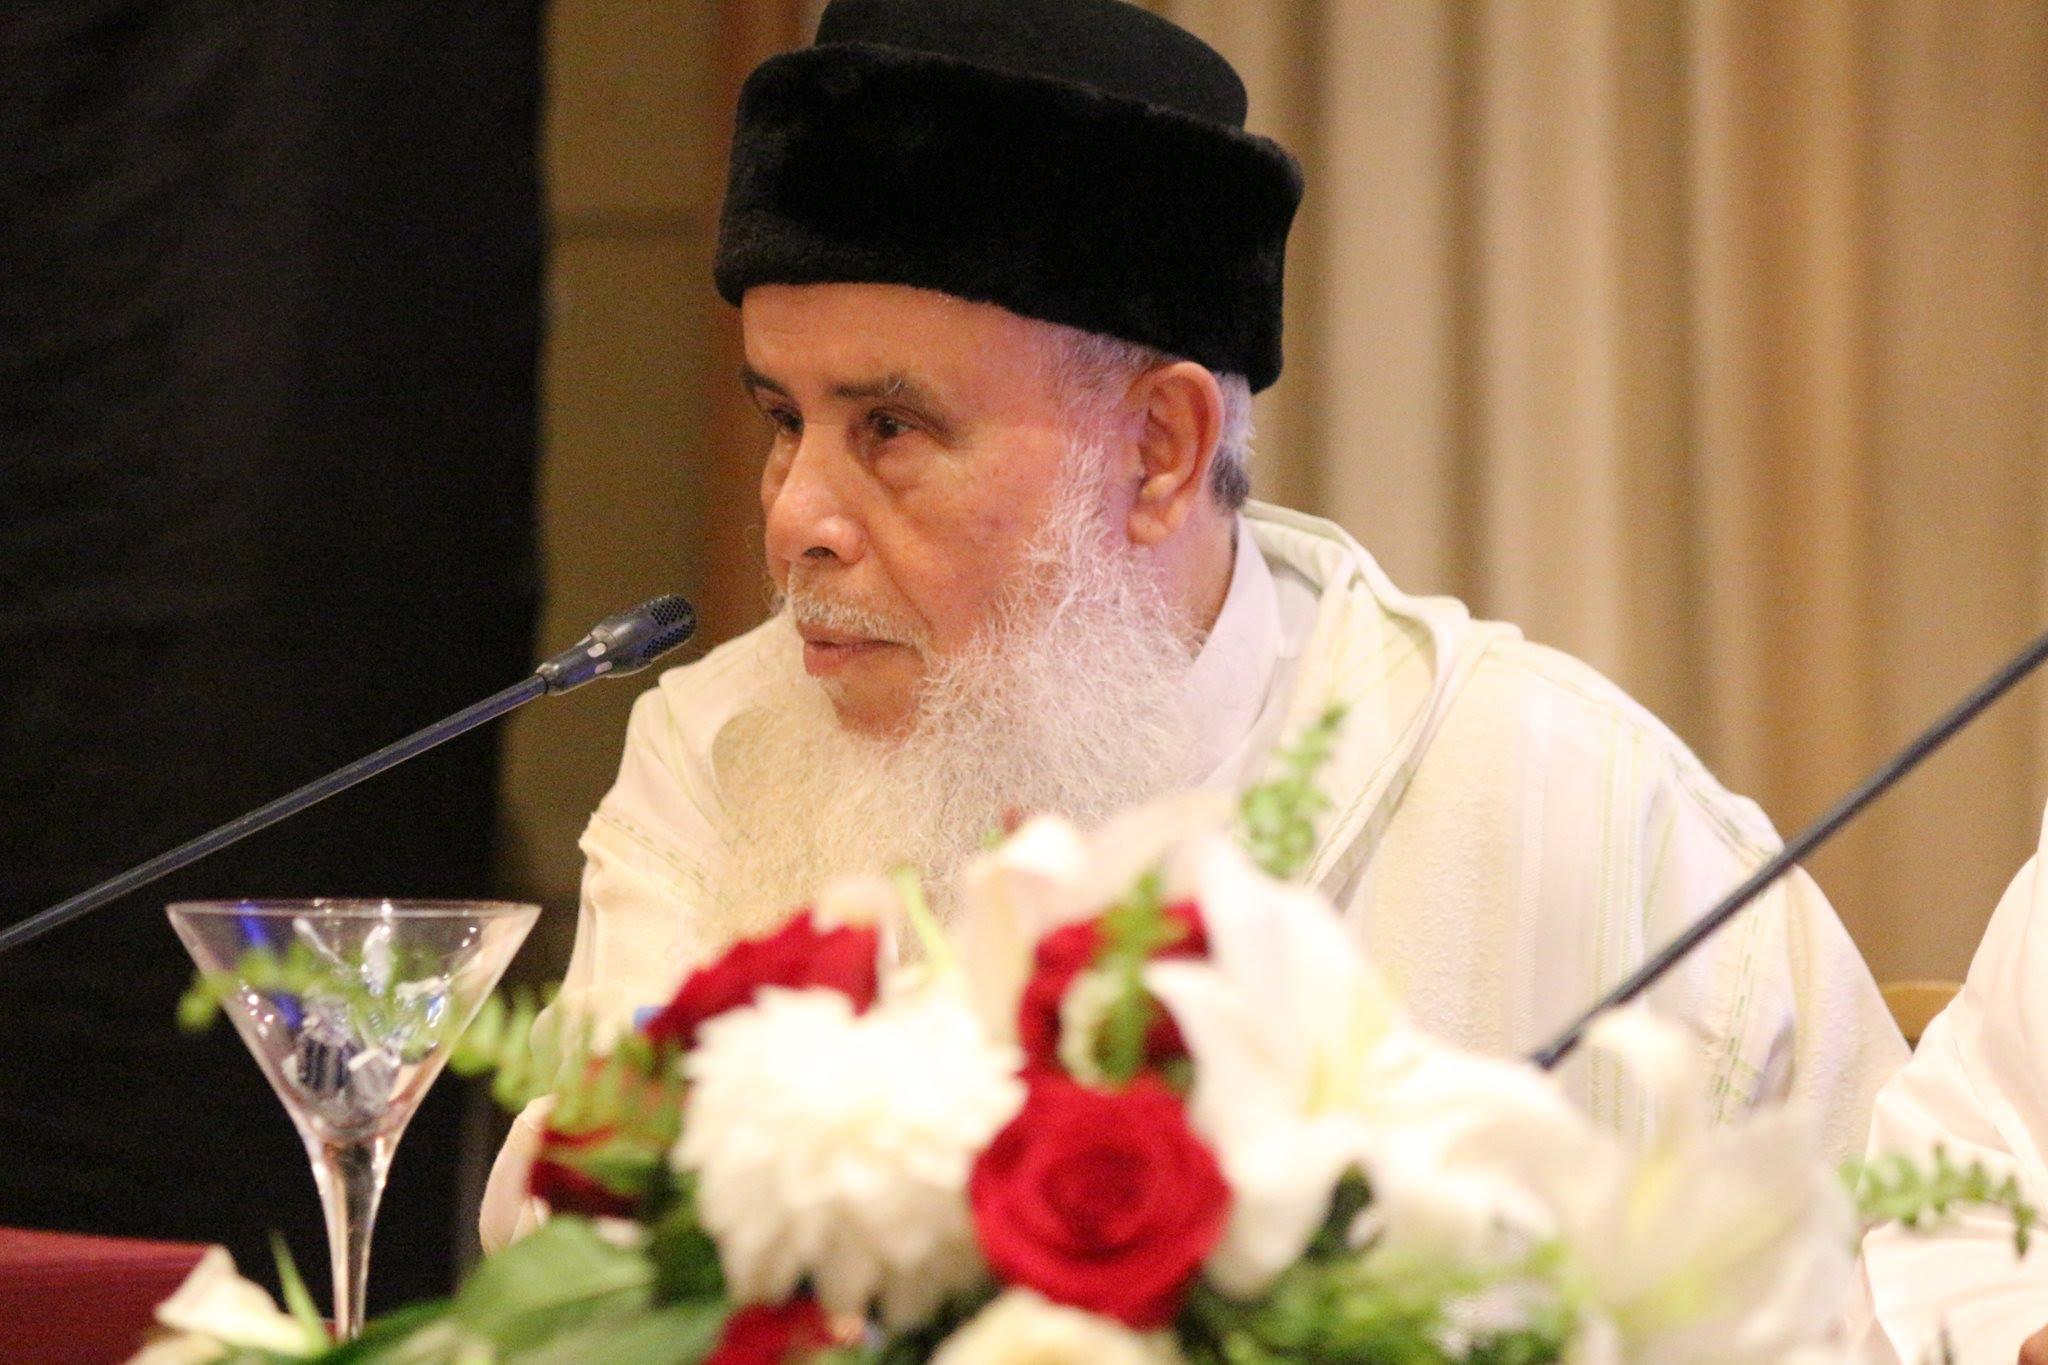 فيديو.. الشيخ محمد زحل -رحمه الله- يحكي عن بدايات الحركة الإسلامية بعد استقلال المغرب